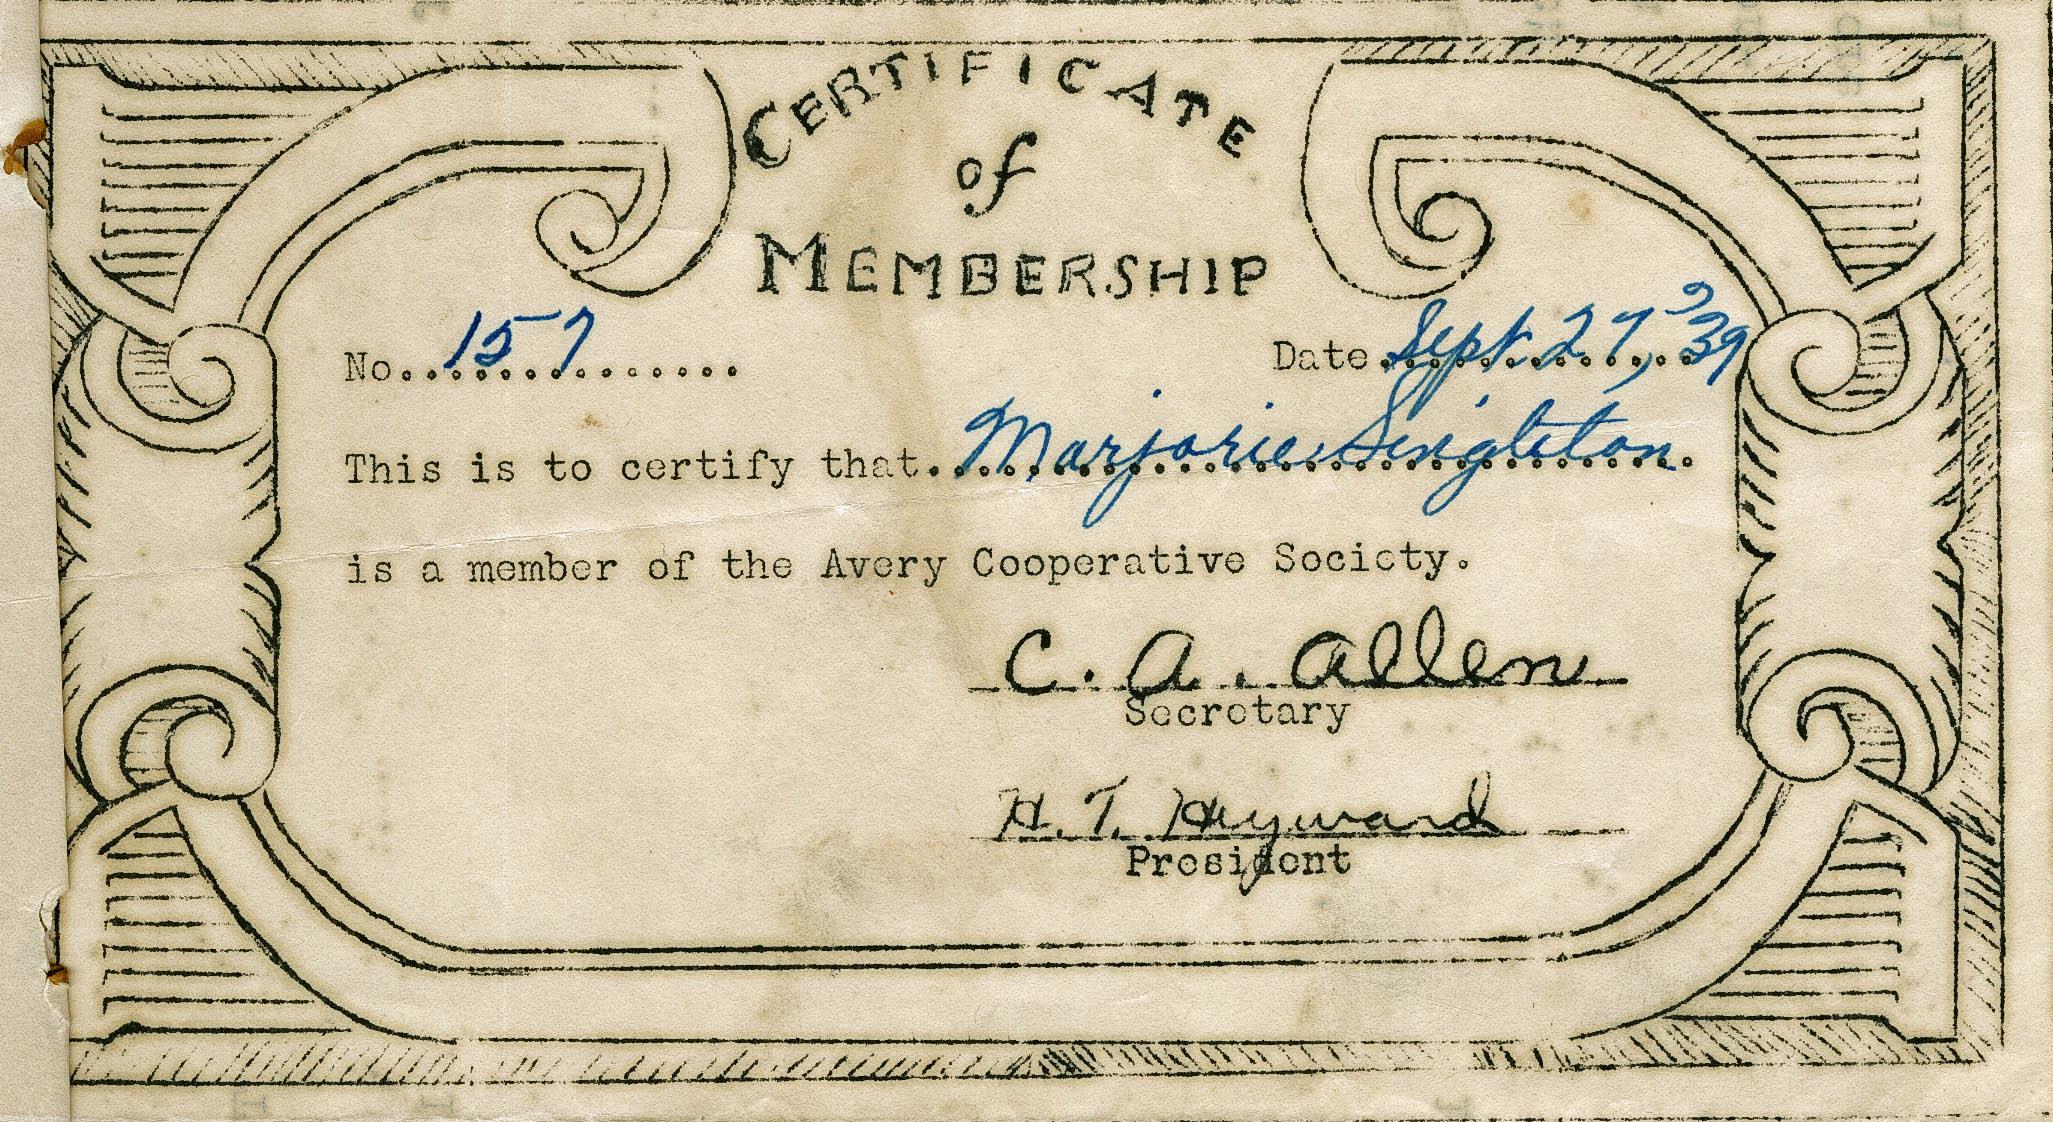 Avery Cooperative Society membership materials